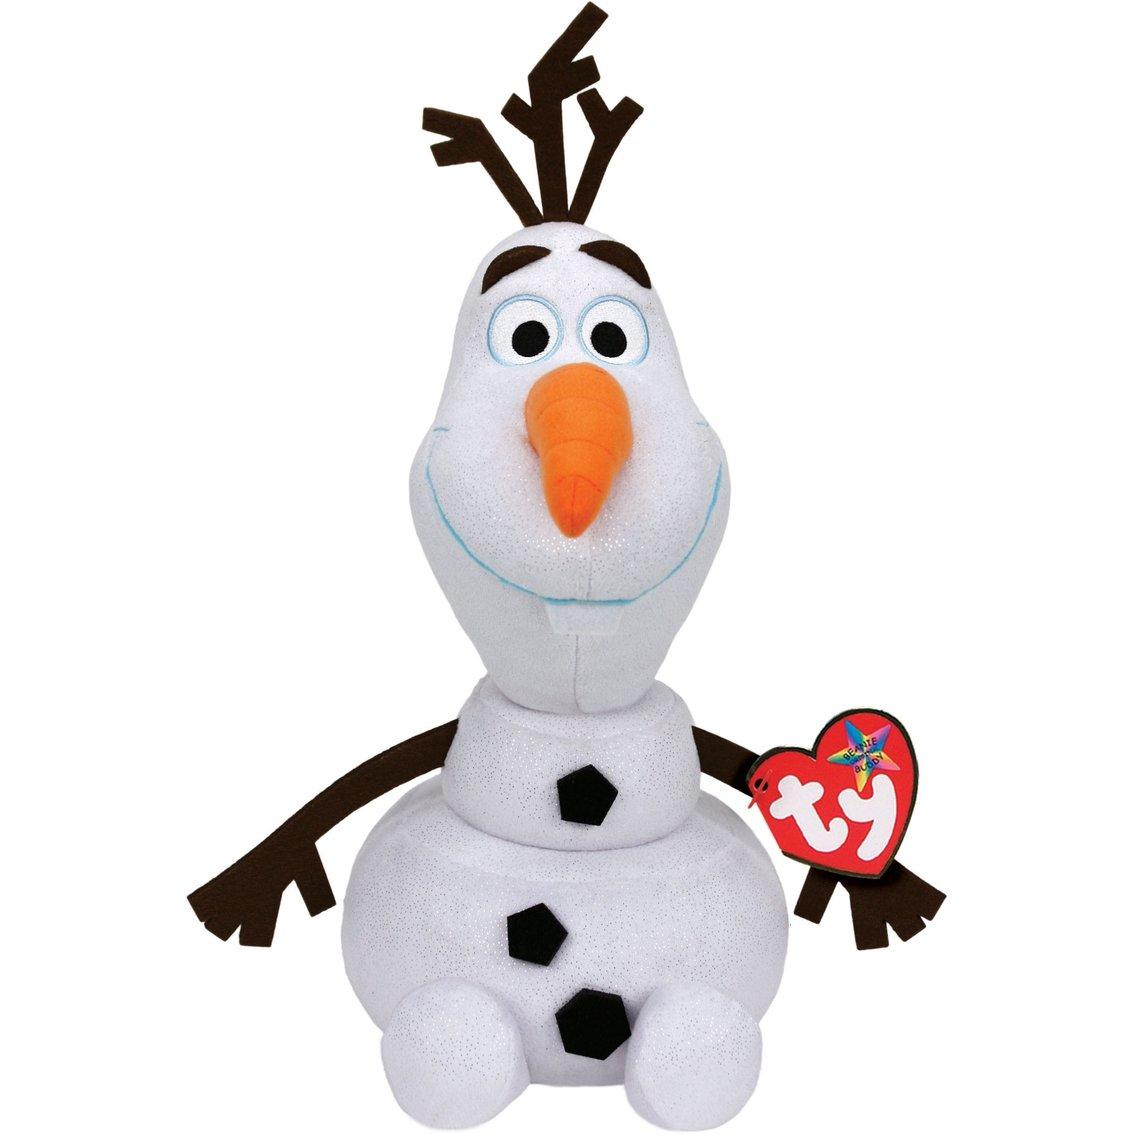 Disney Frozen - Olaf, peluche con sonido, 23 cm, color blanco (TY 90152TY) TY90152